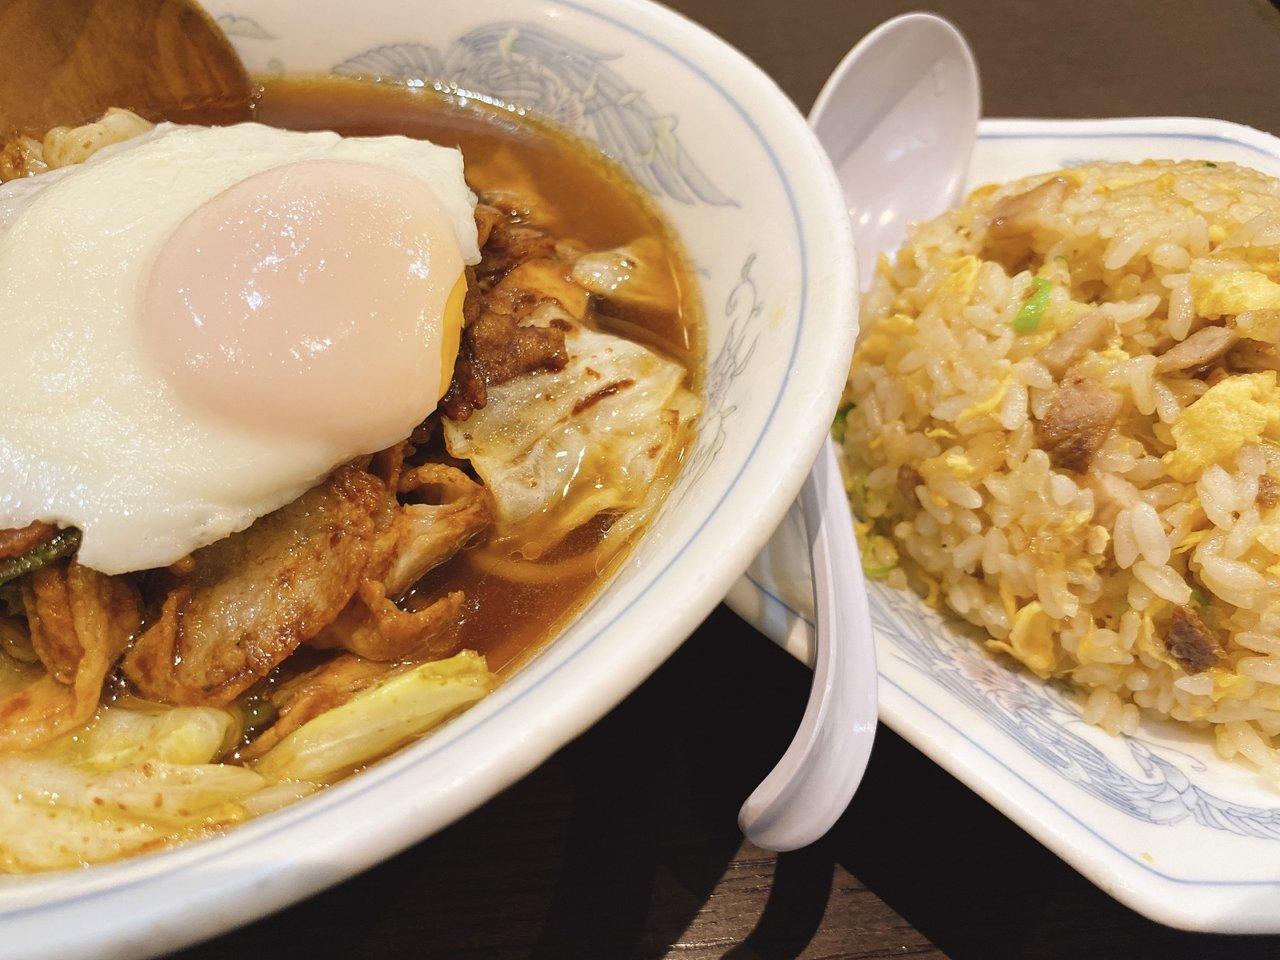 東京ローカルのおいしいラーメンがたべたい 香港麺と半チャーハン